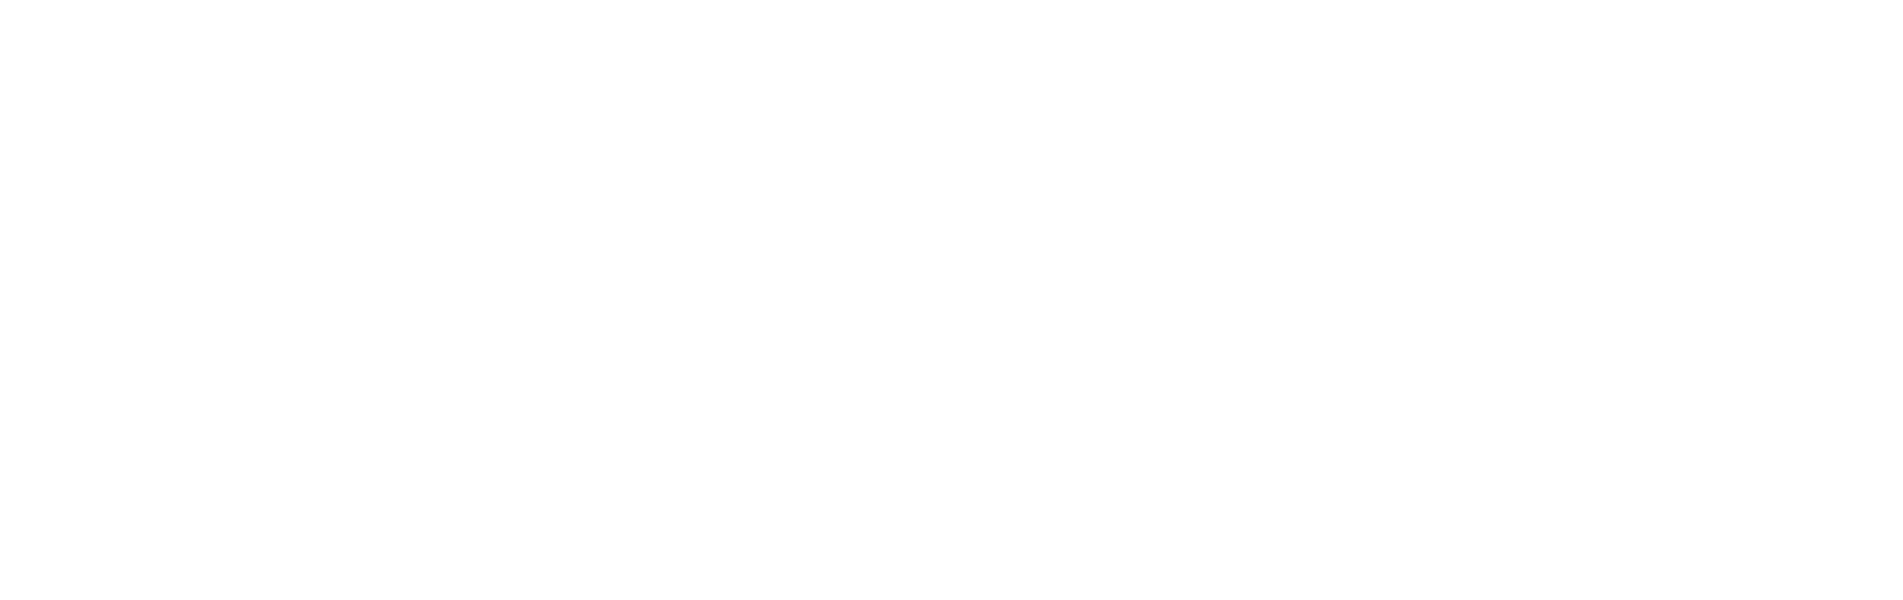 hvit hero banner web hubspot - tekniske sider-1